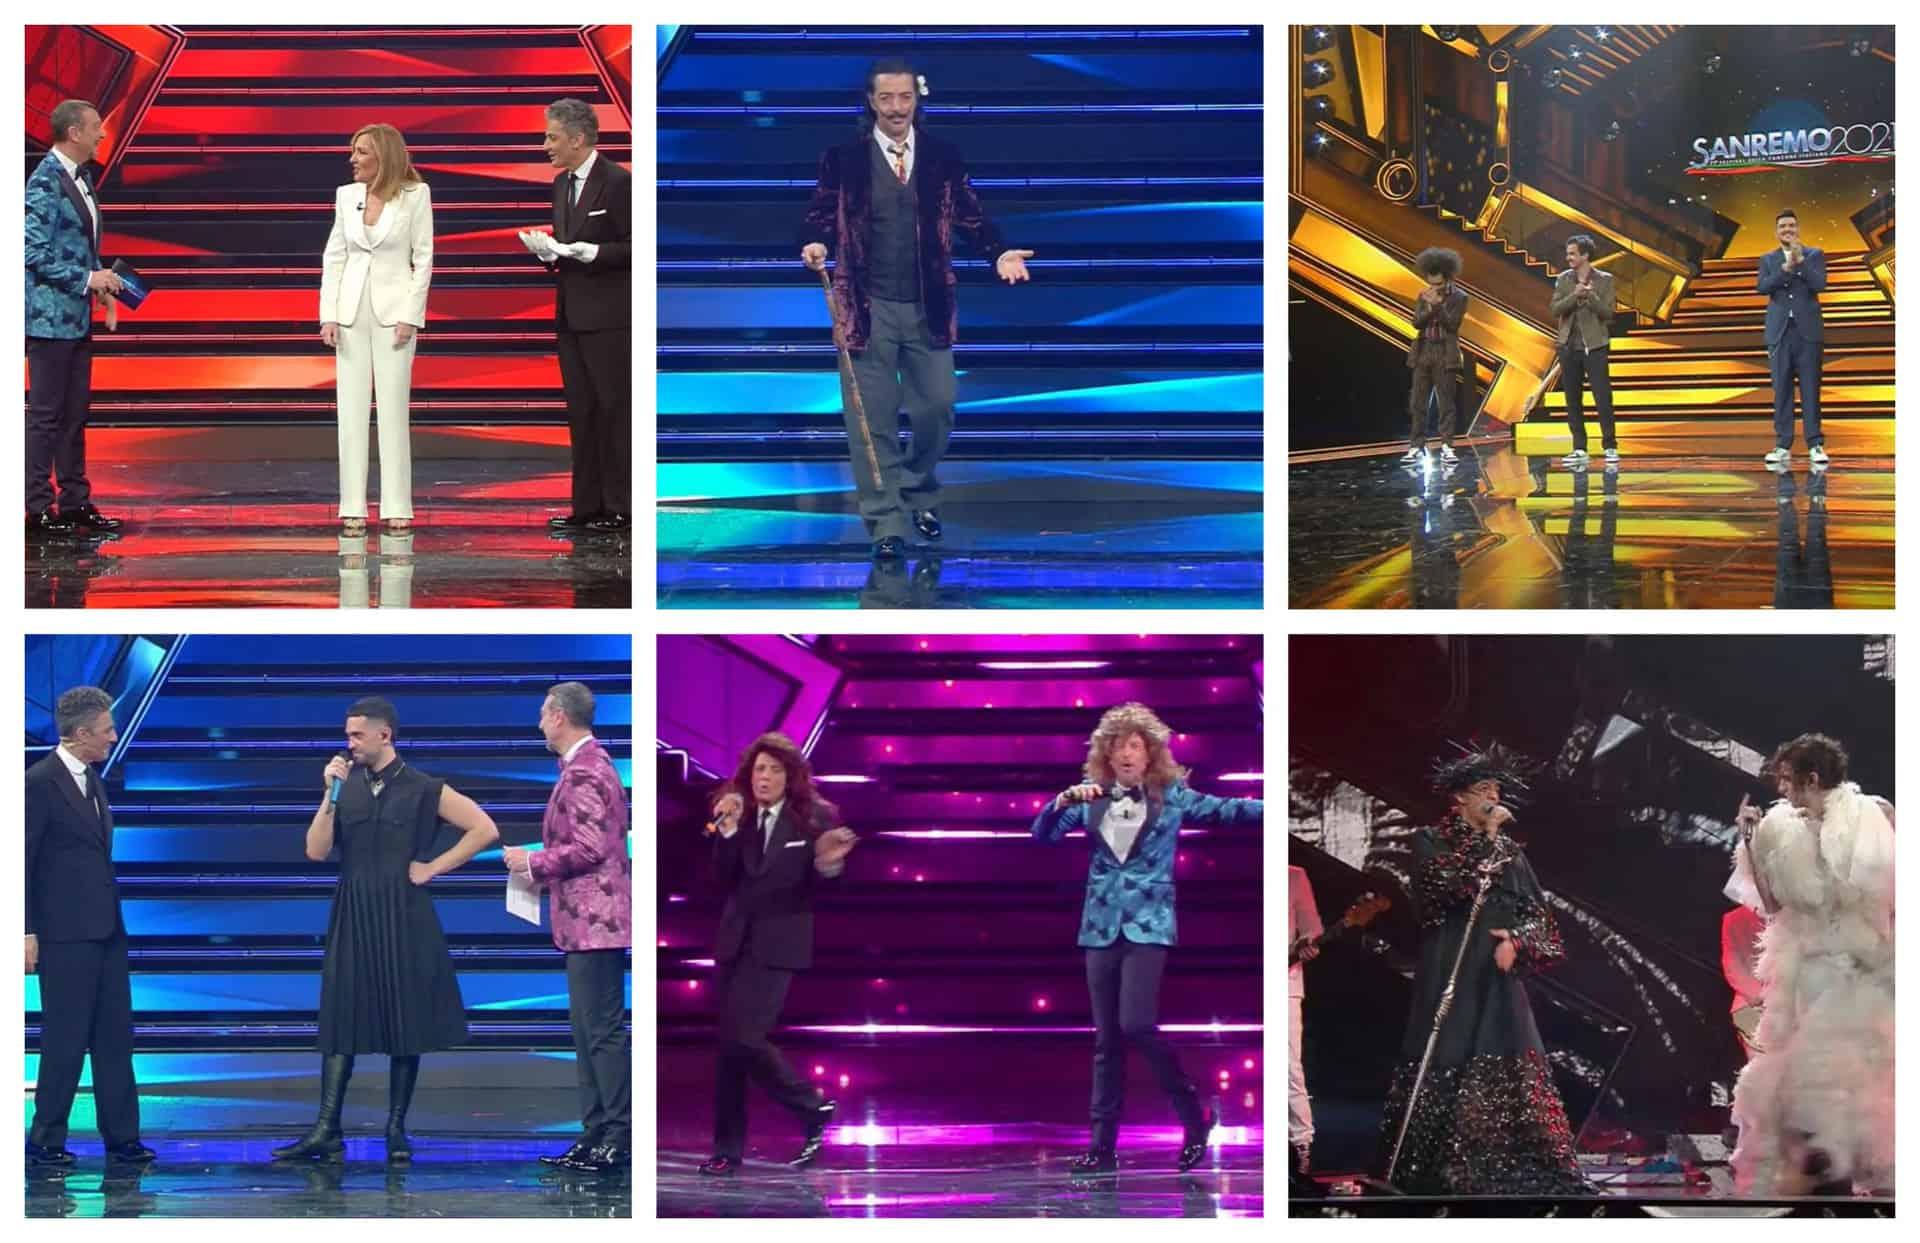 La quarta serata di Sanremo 2021 è la migliore: Amadeus miracolosamente chiude prima